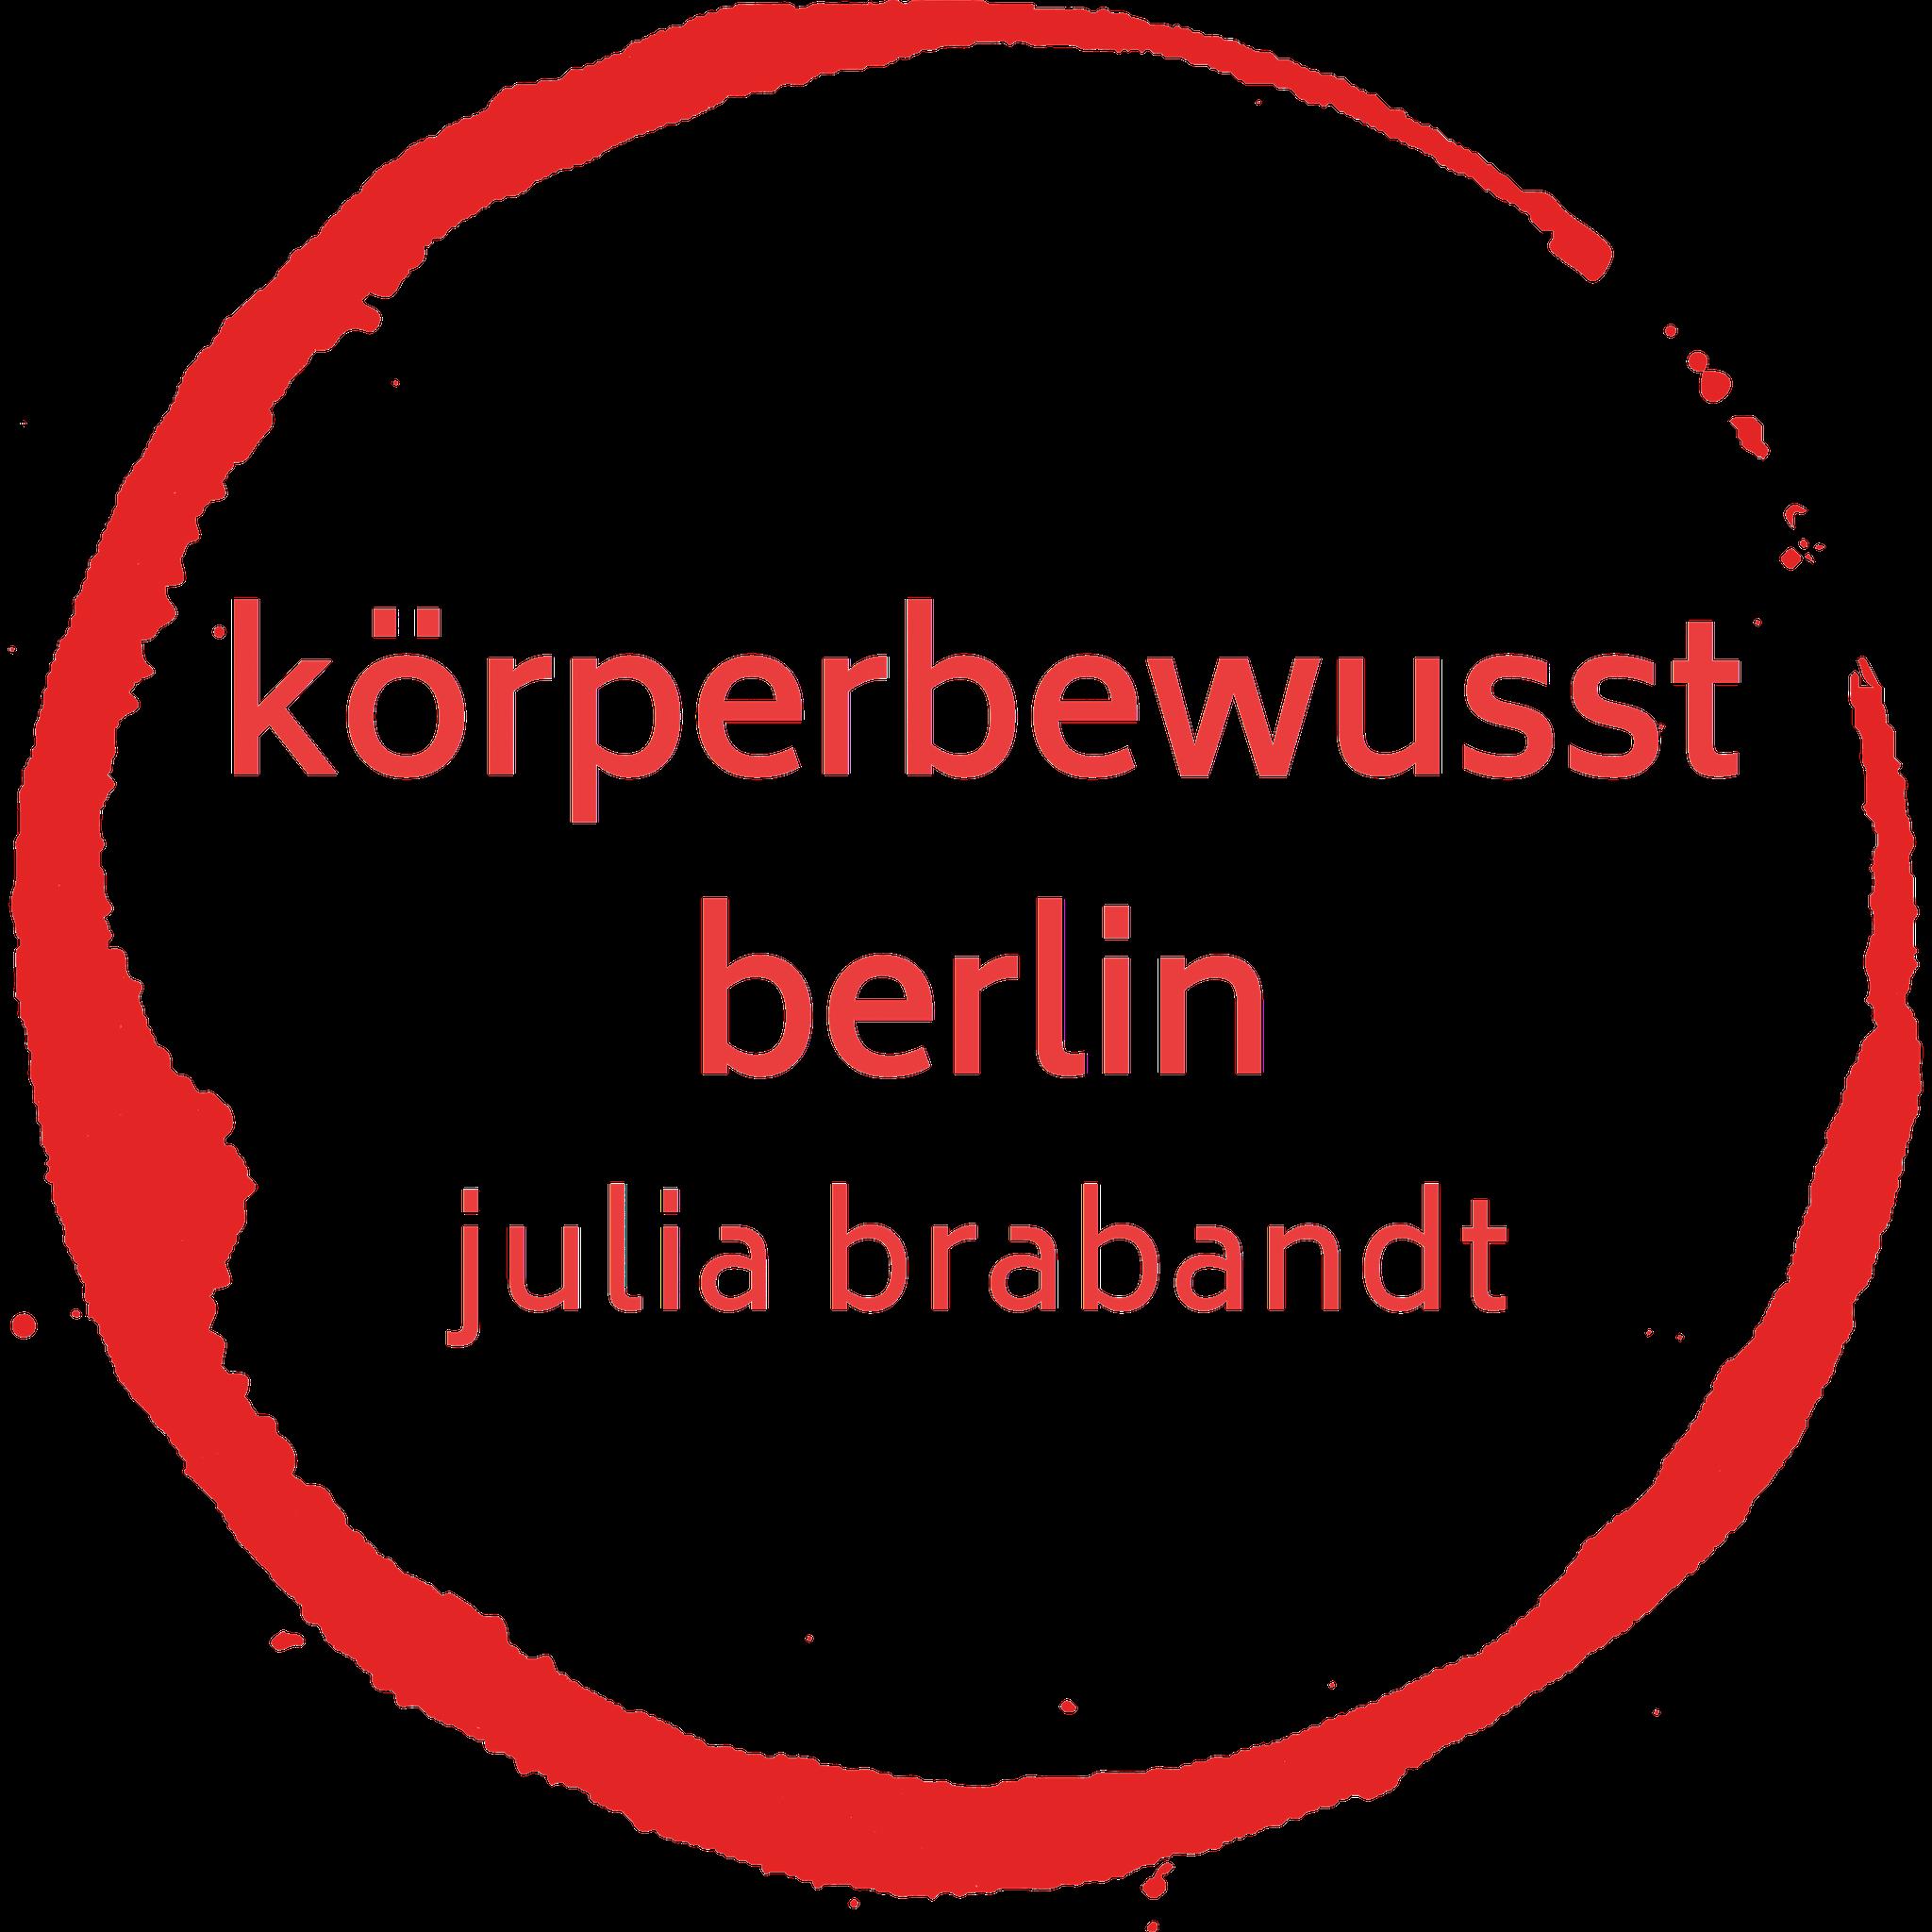 Körperbewusst Berlin